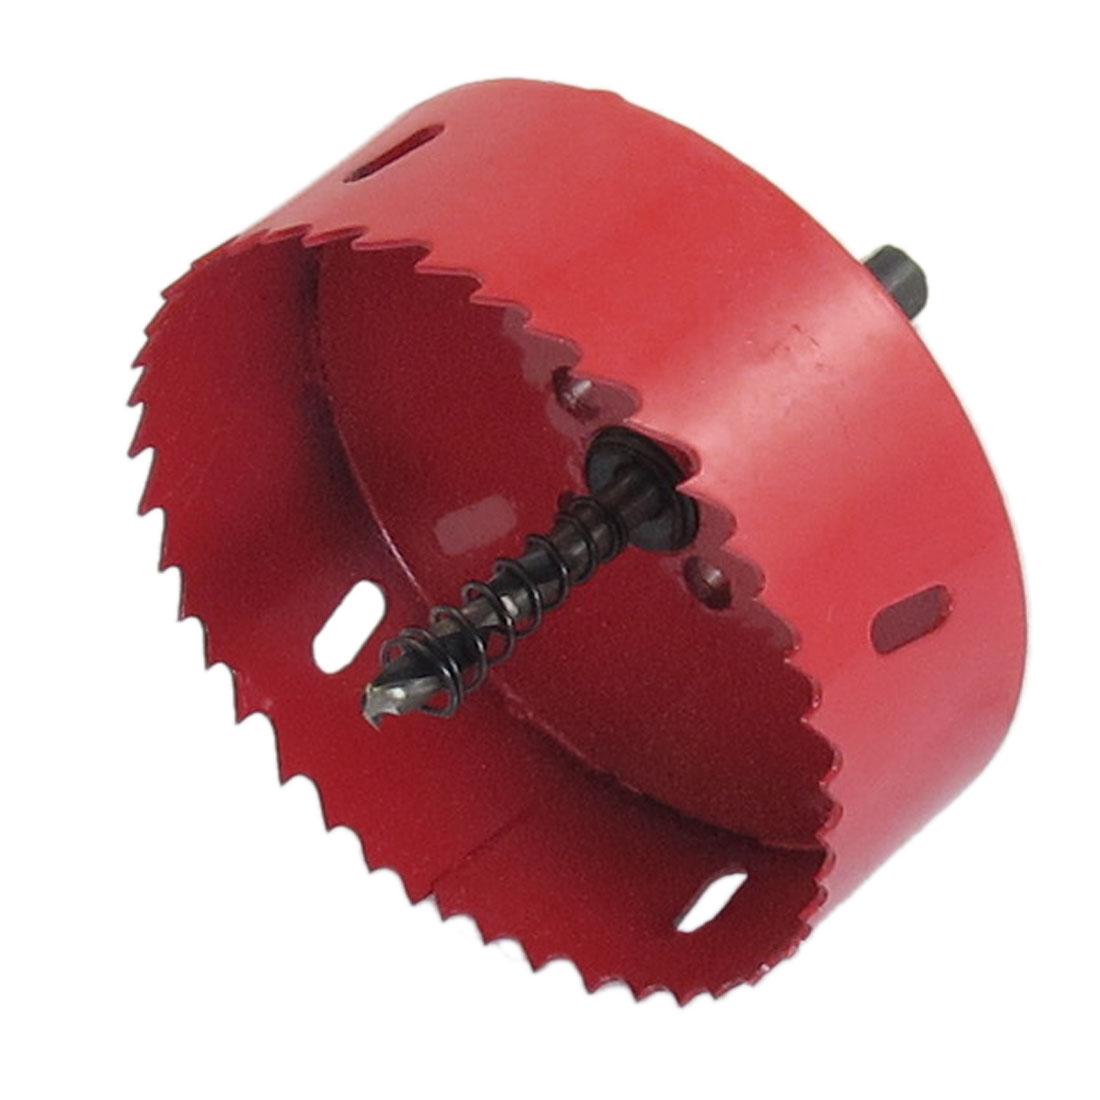 Twist Drill Bit Iron Aluminium Alloy Cutting 100mm Diameter Bimetal Hole Saw